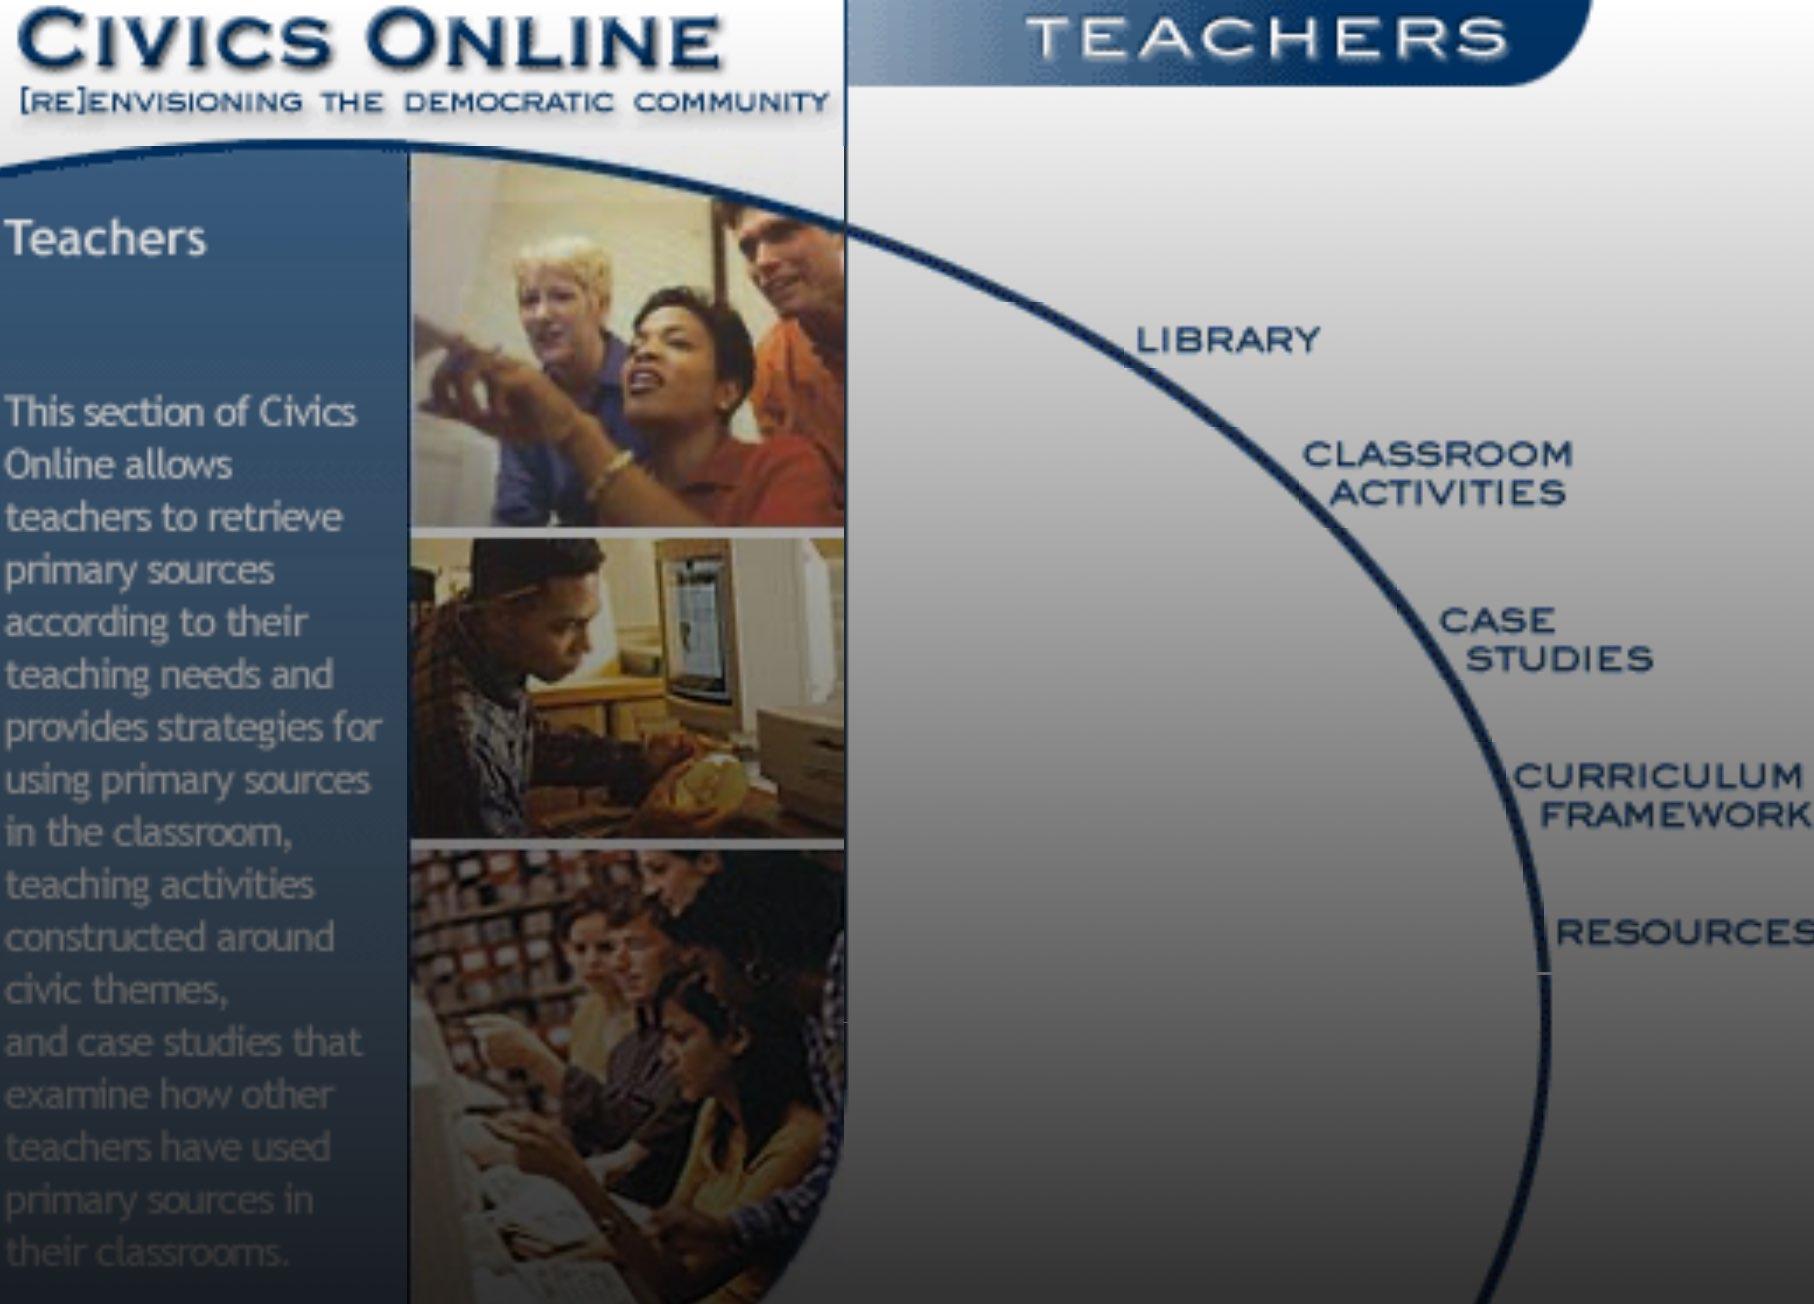 Civics Online